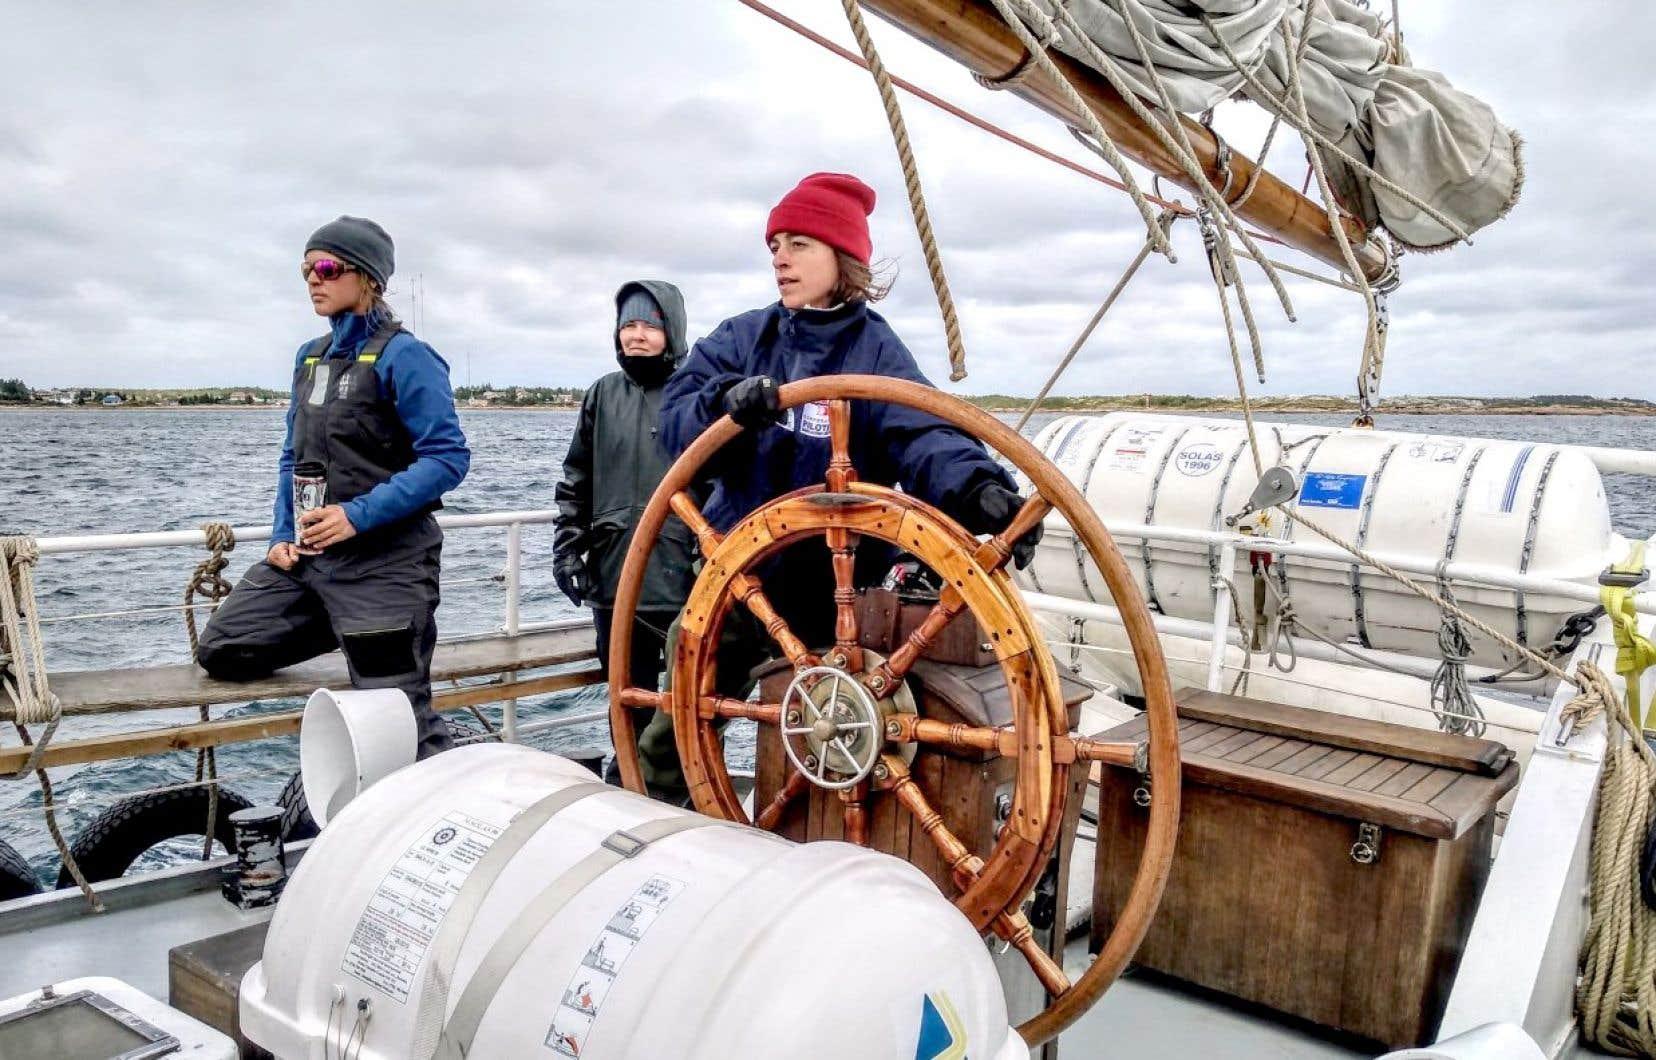 Bienvenue sur l'<em>ÉcoMaris</em>, le voilier-école unique en son genre qui convie les Québécois à découvrir leur province en devenant des marins de circonstance.